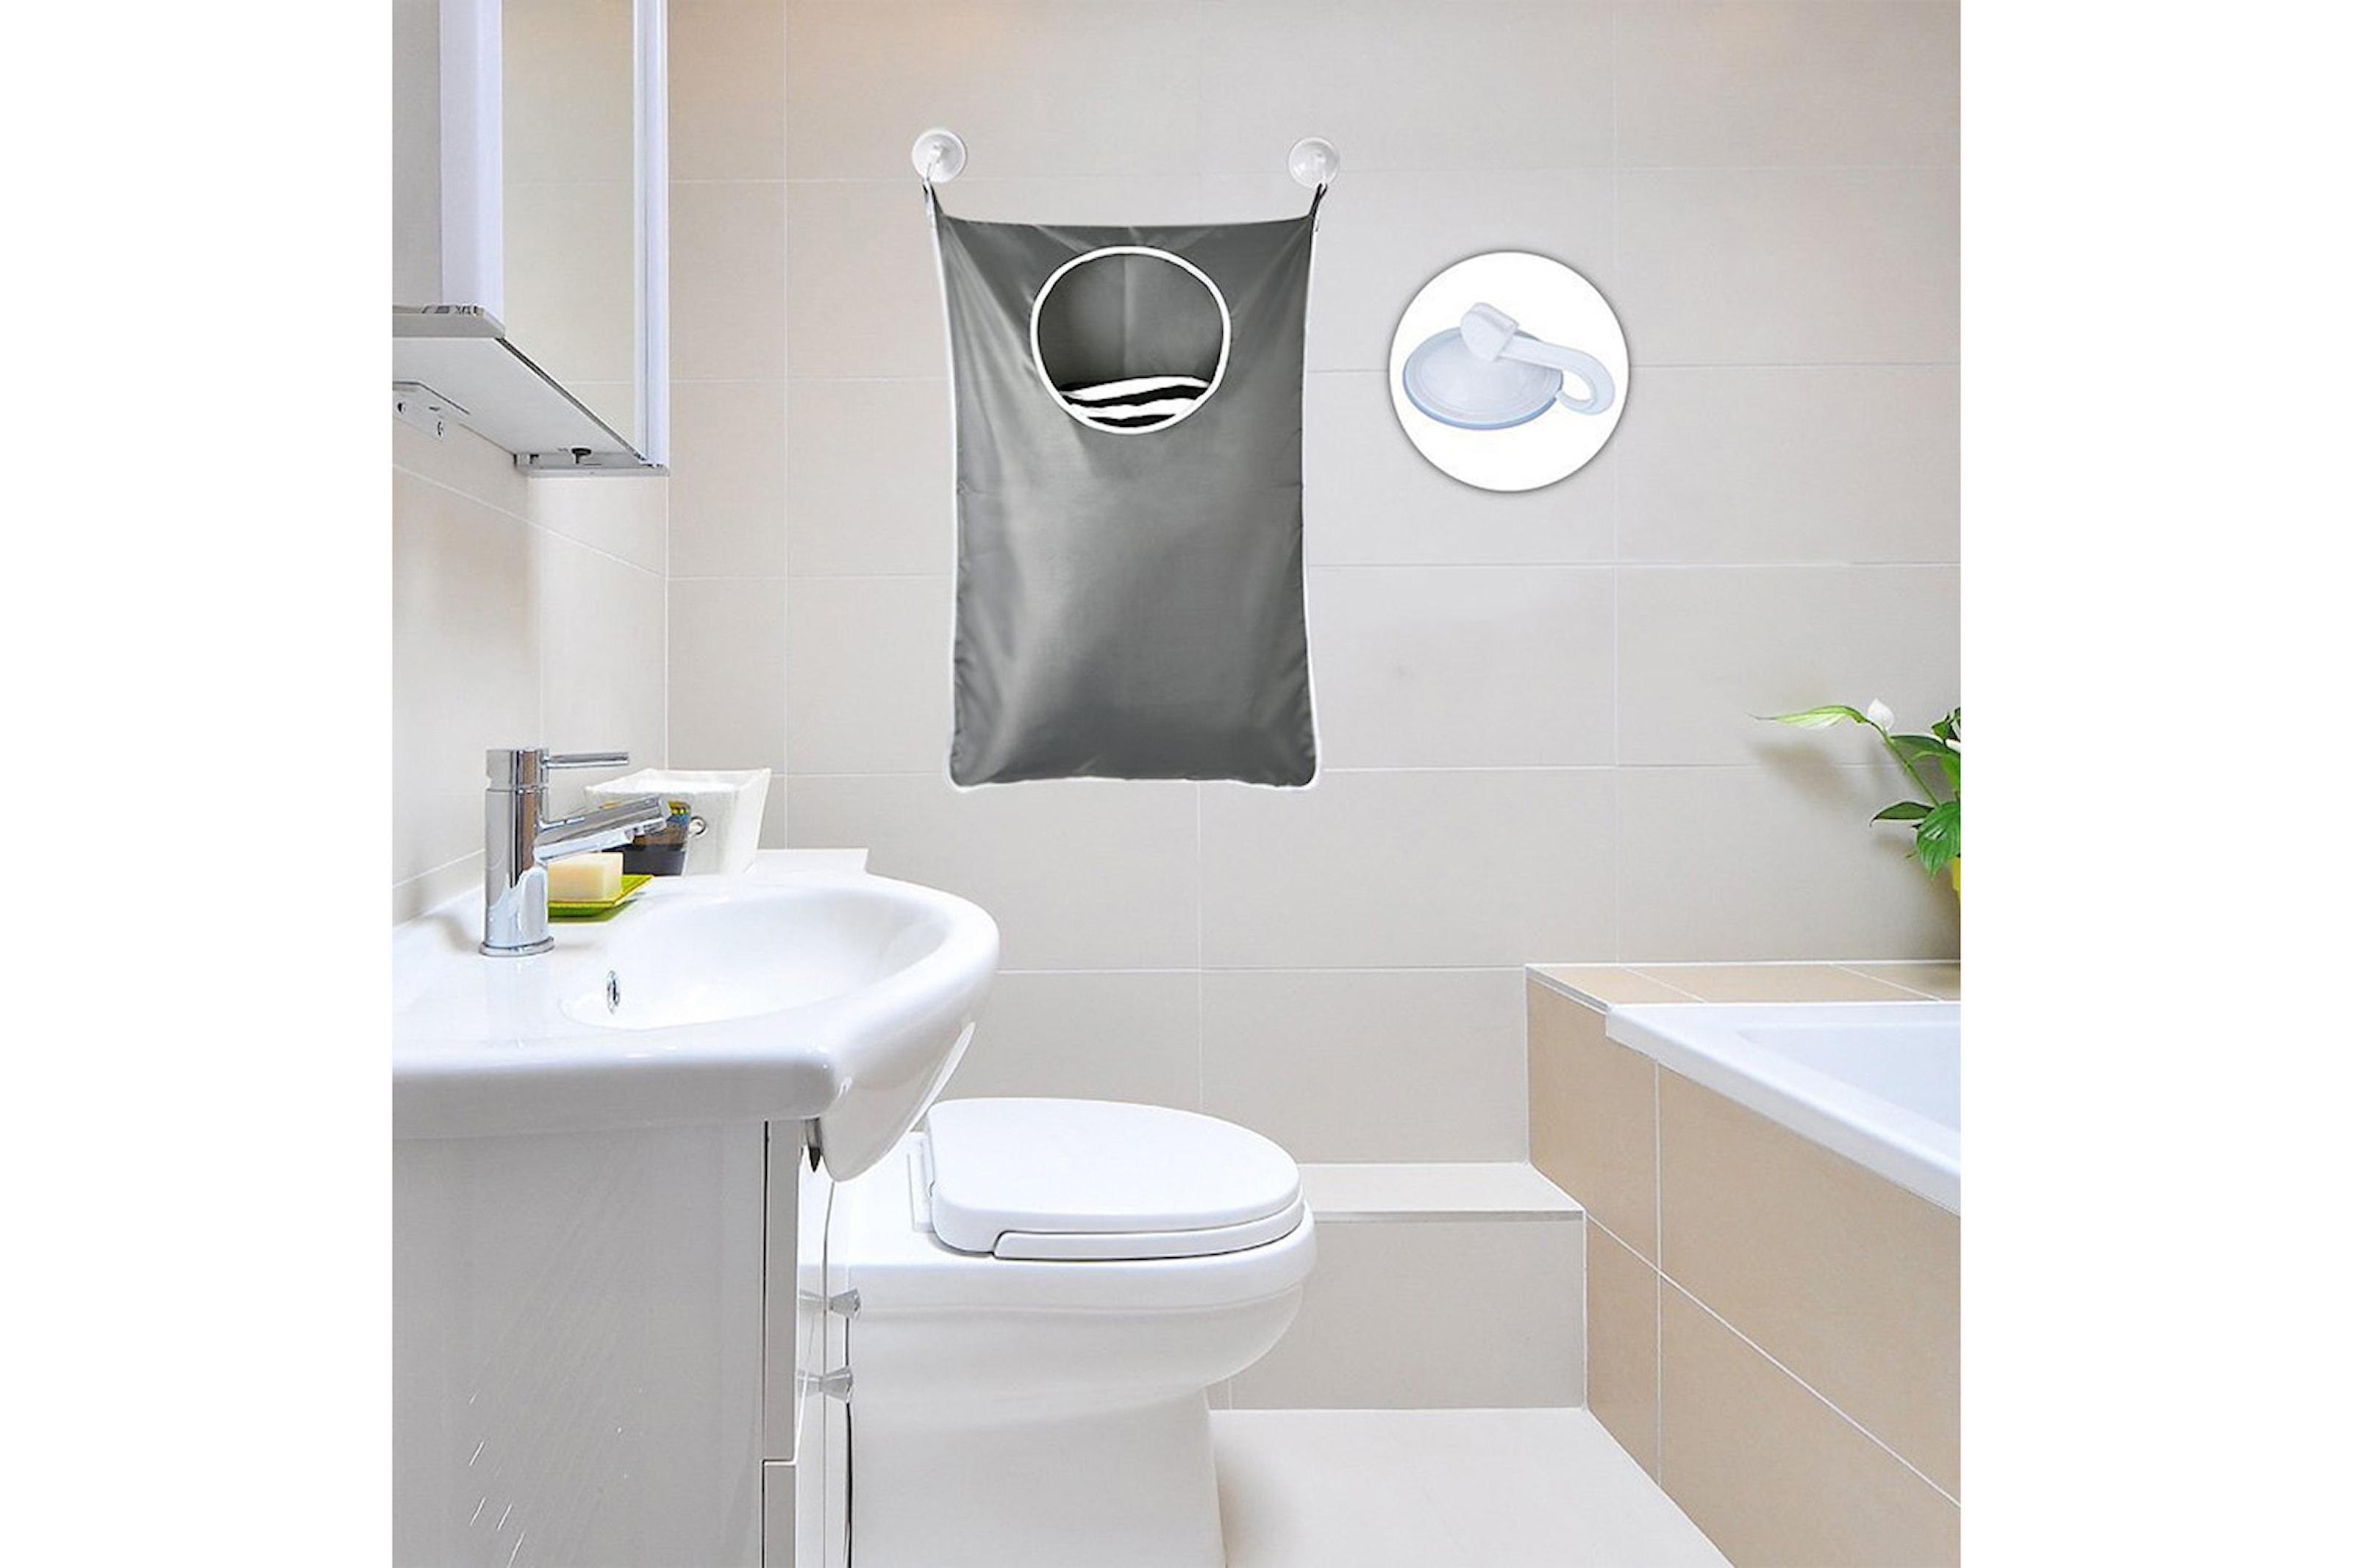 Säck för smutstvätt